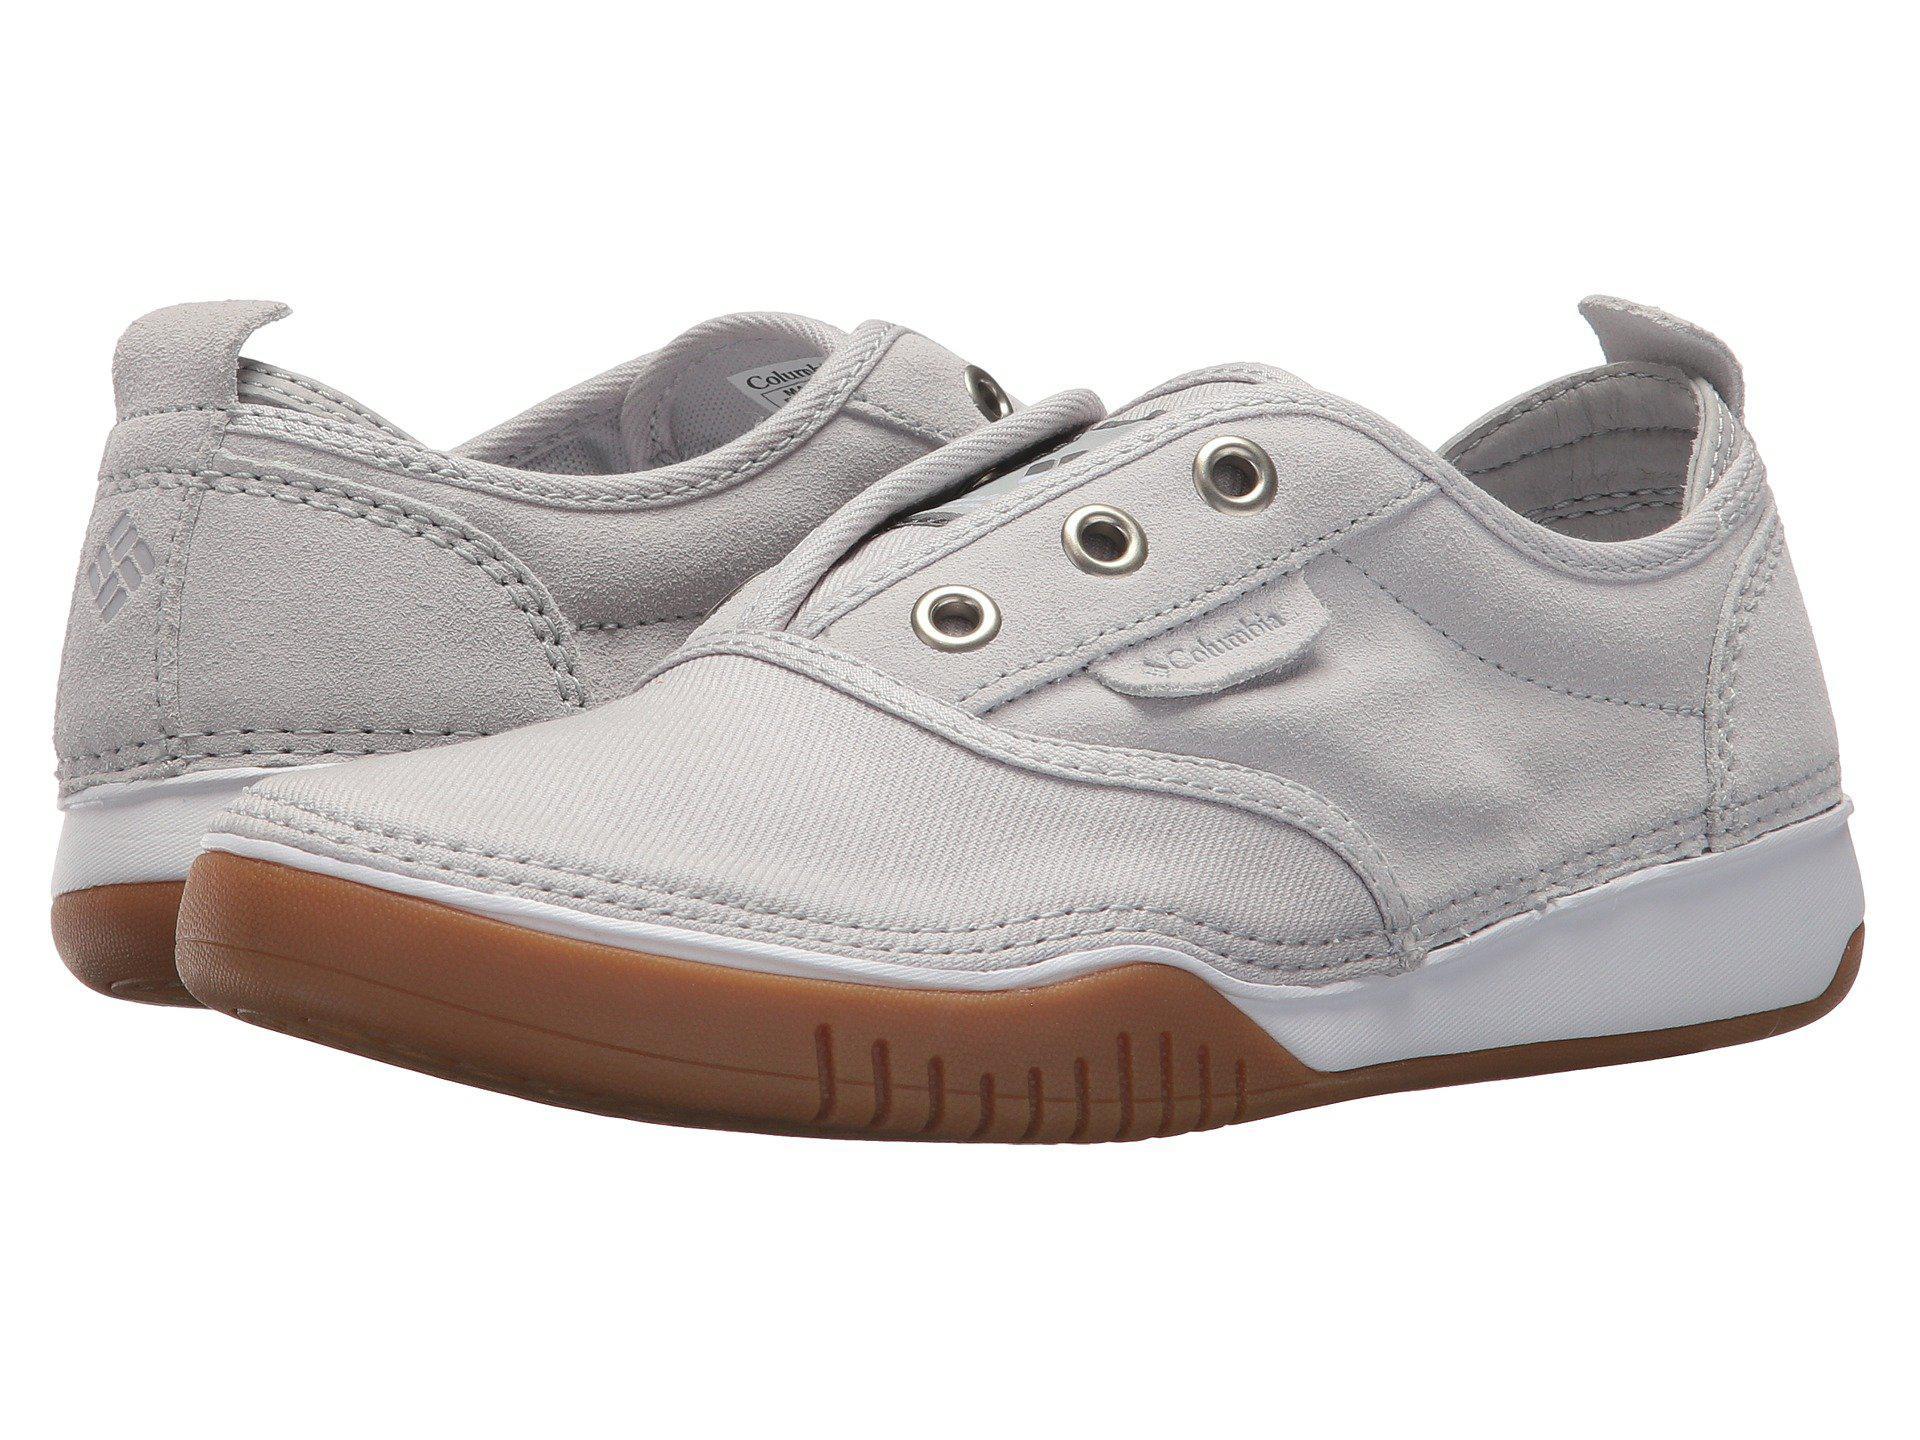 columbia Sneakers Columbia Bridgeport Slip Tienda De Espacio Libre Para La Venta WMVA54Jc